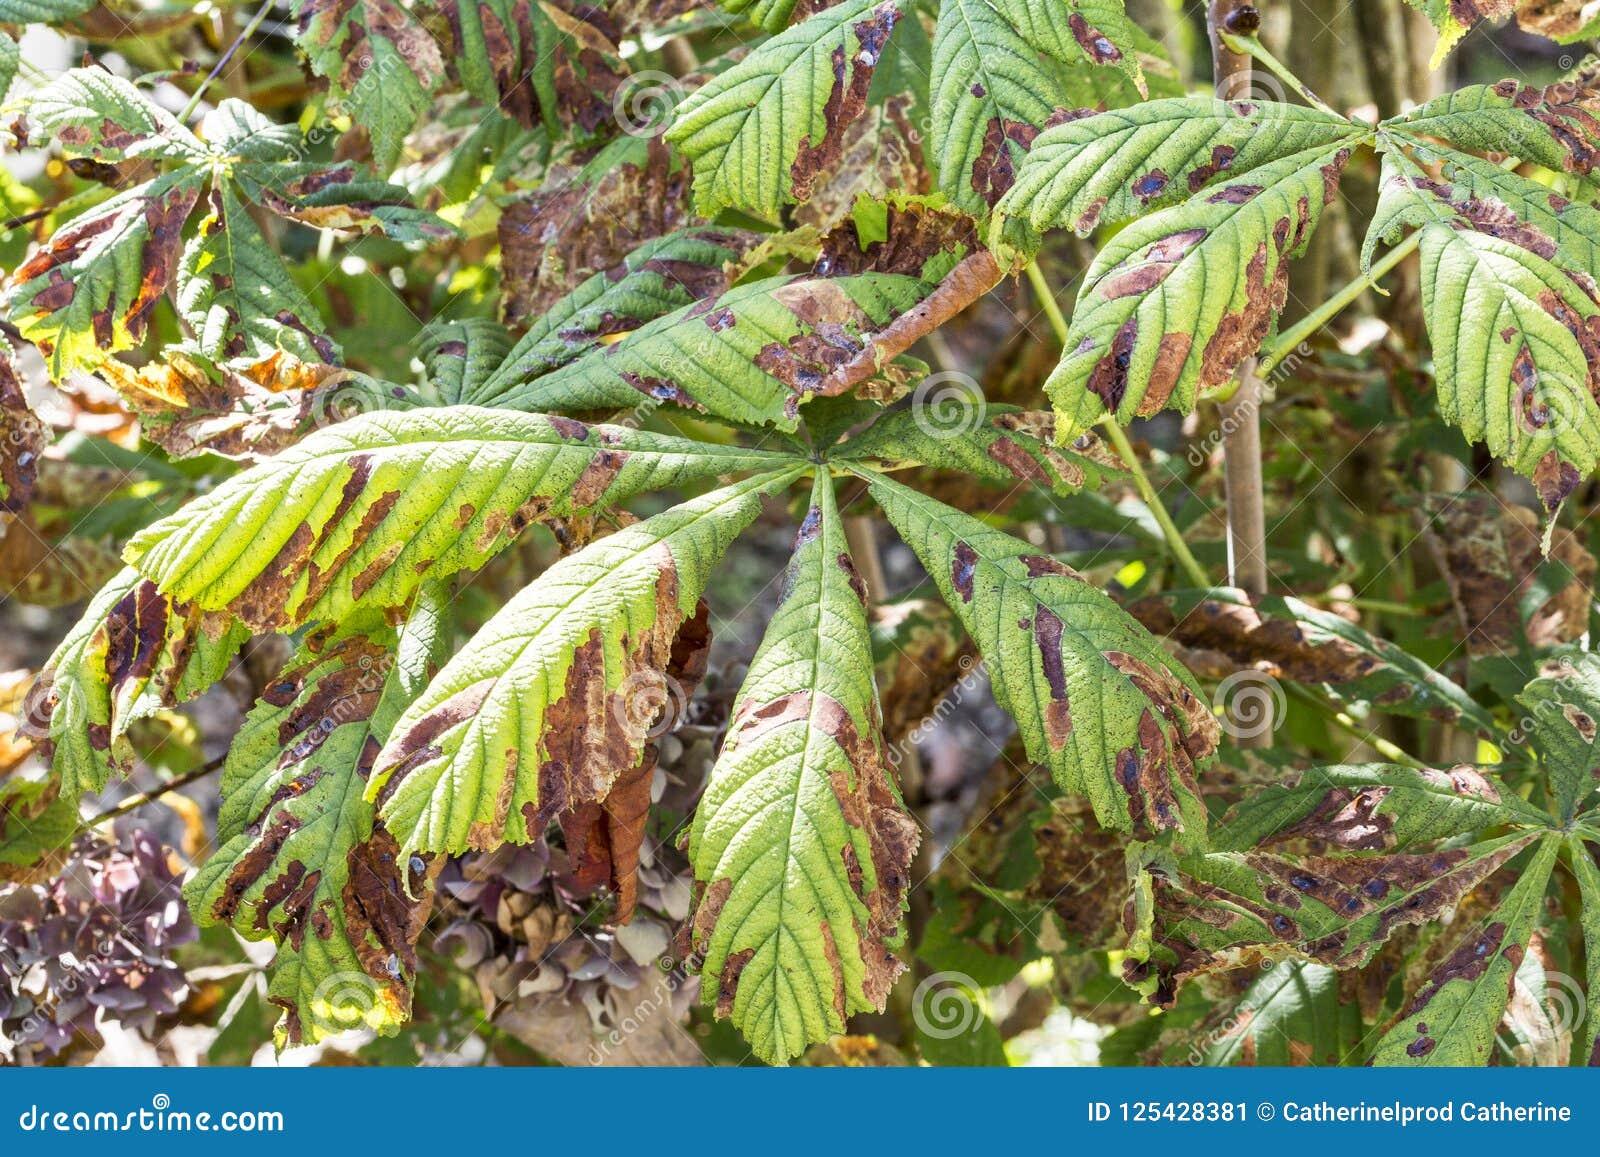 Danifique às folhas do ohridella de Cameraria da traça do mineiro da castanha